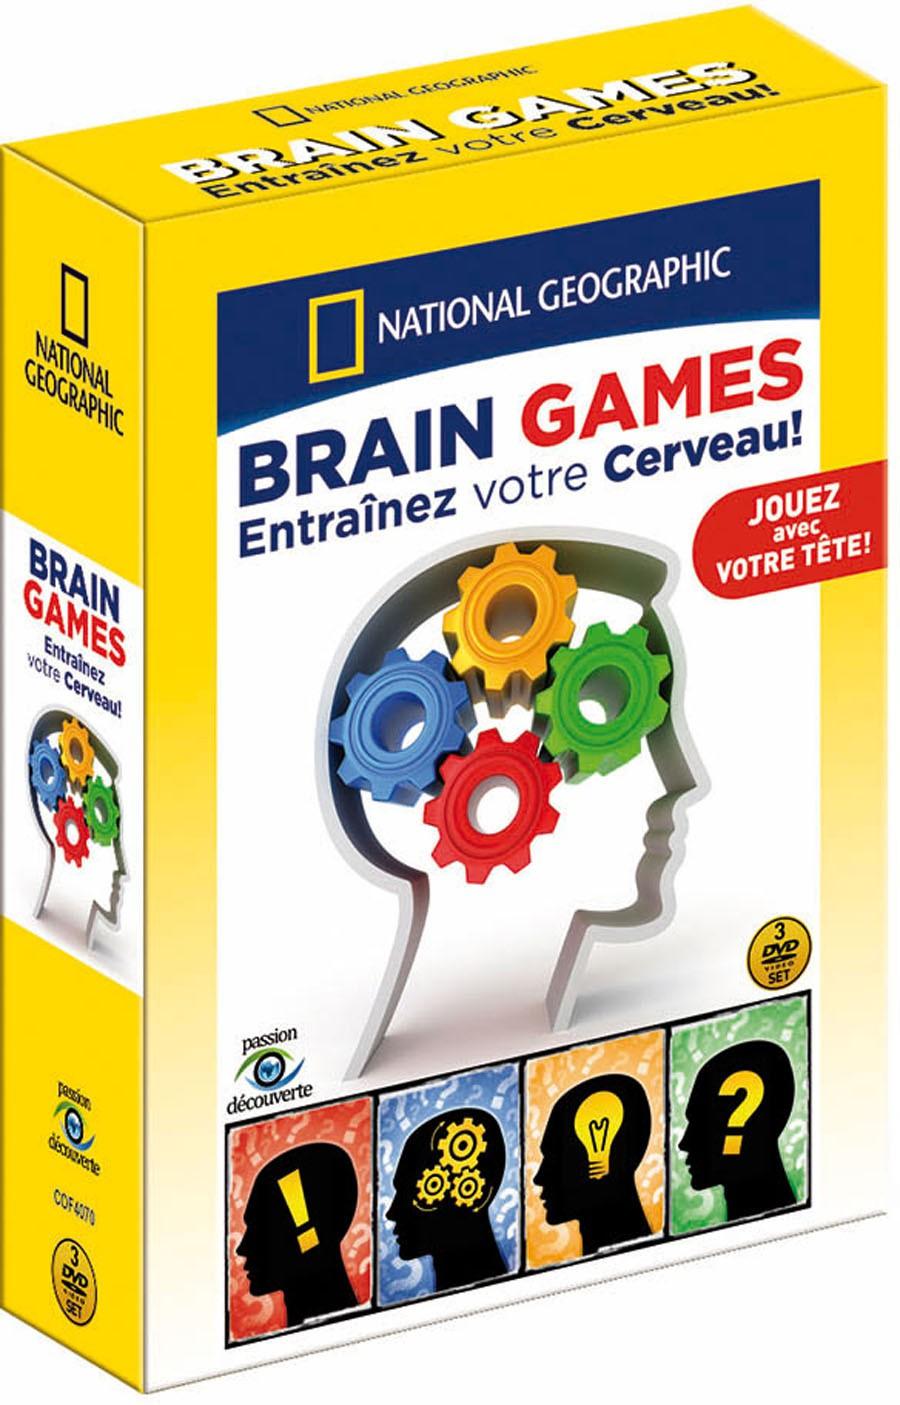 NATIONAL GEOGRAPHIC - BRAIN GAMES, ENTRAINEZ VOTRE CERVEAU